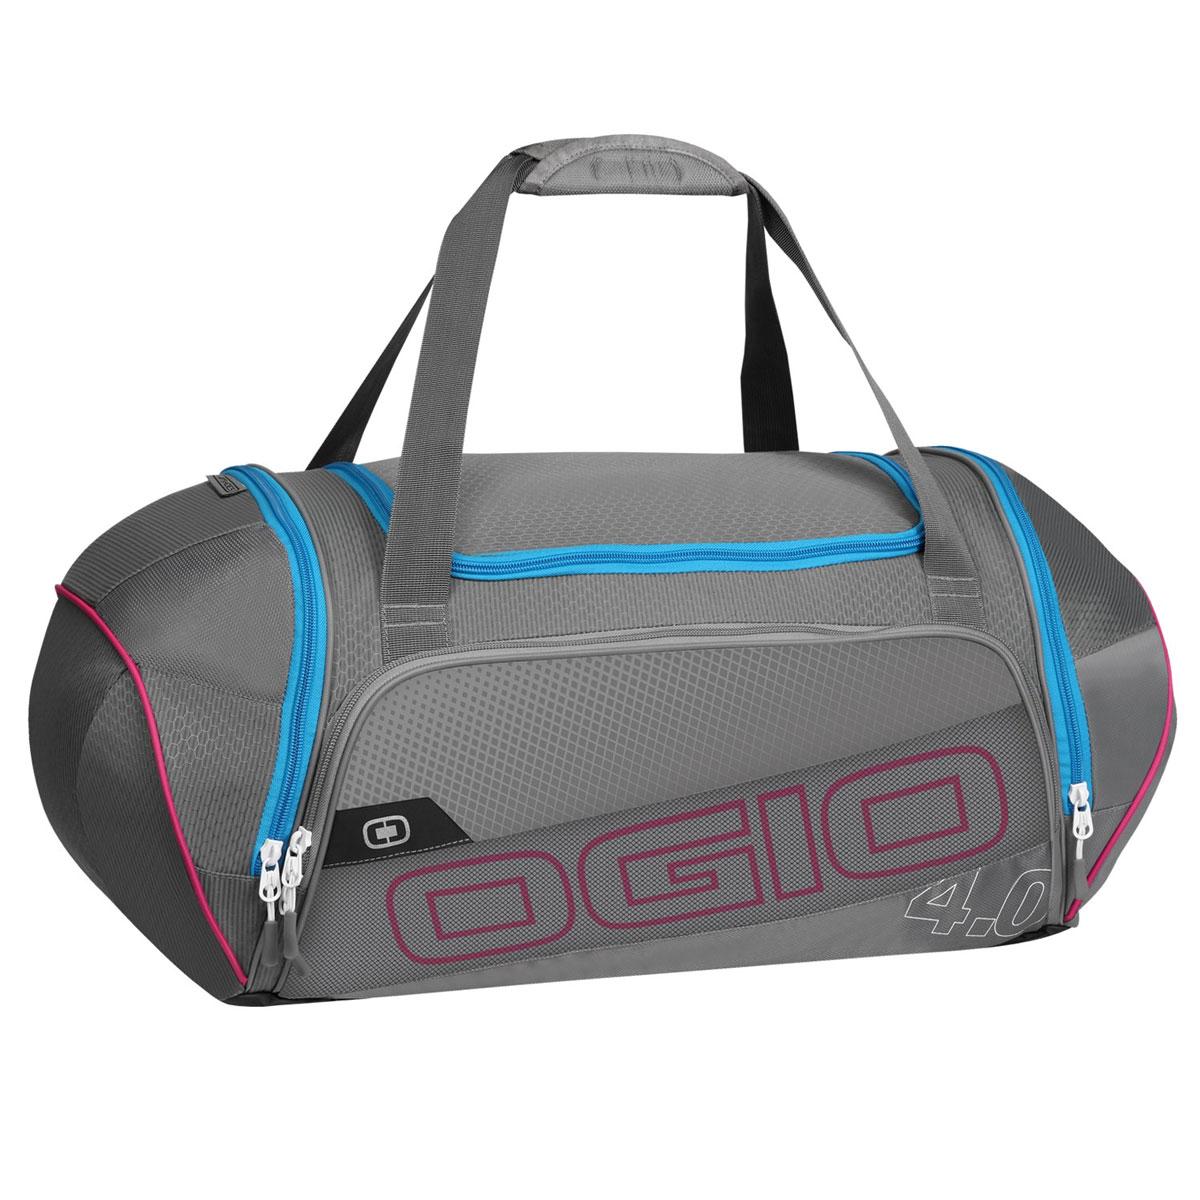 Сумка OGIO Endurance 4.0, цвет: серый, голубой. 112037.376112037.376Сумка Ogio Endurance 4.0 имеет надежную и легкую конструкцию, обладающую высокой устойчивостью к растяжению. Особенности: Складывающаяся система наплечных ремней. Хорошо вентилируемое сетчатое отделение для обуви. Износостойкое и устойчивое к истиранию брезентовое основание. Особое отделение для продуктов питания. Легкая, износоустойчивая и прочная на разрыв ткань. Вместительное основное отделение. Боковой карман с двусторонней застежкой на молнии. Устойчивая к поту, мягкая литая ручка для переноски. Передний карман на молнии для хранения аксессуаров. Большой карман для бутылки с водой. Яркая подкладка. Объем: 47 л. Материал: кареточная ткань 420D, кареточная ткань.